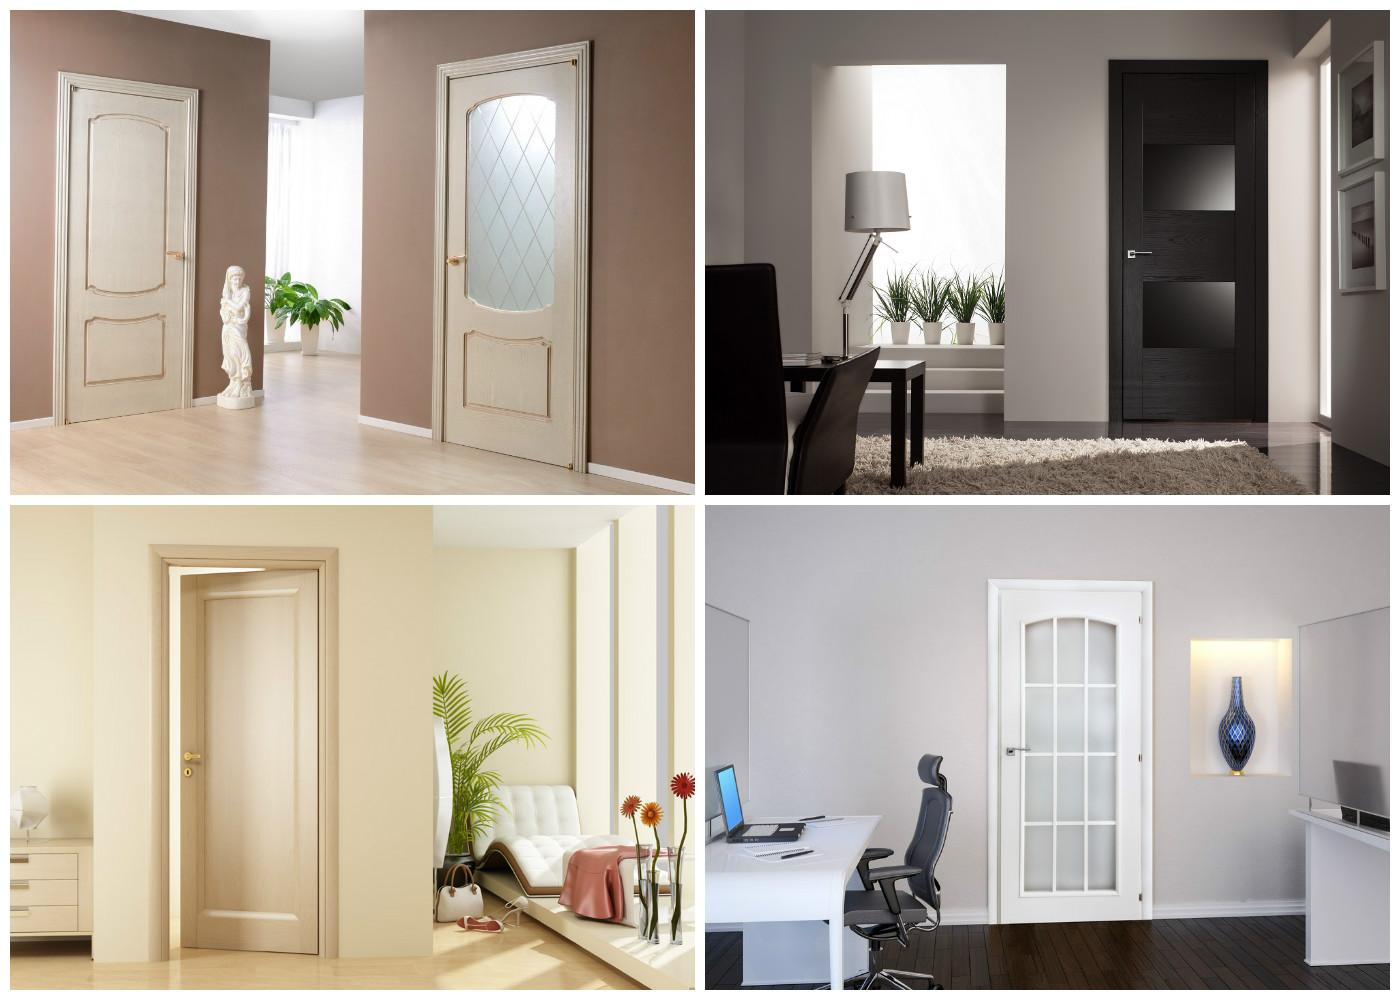 Выбор качественных межкомнатных дверей эконом класса